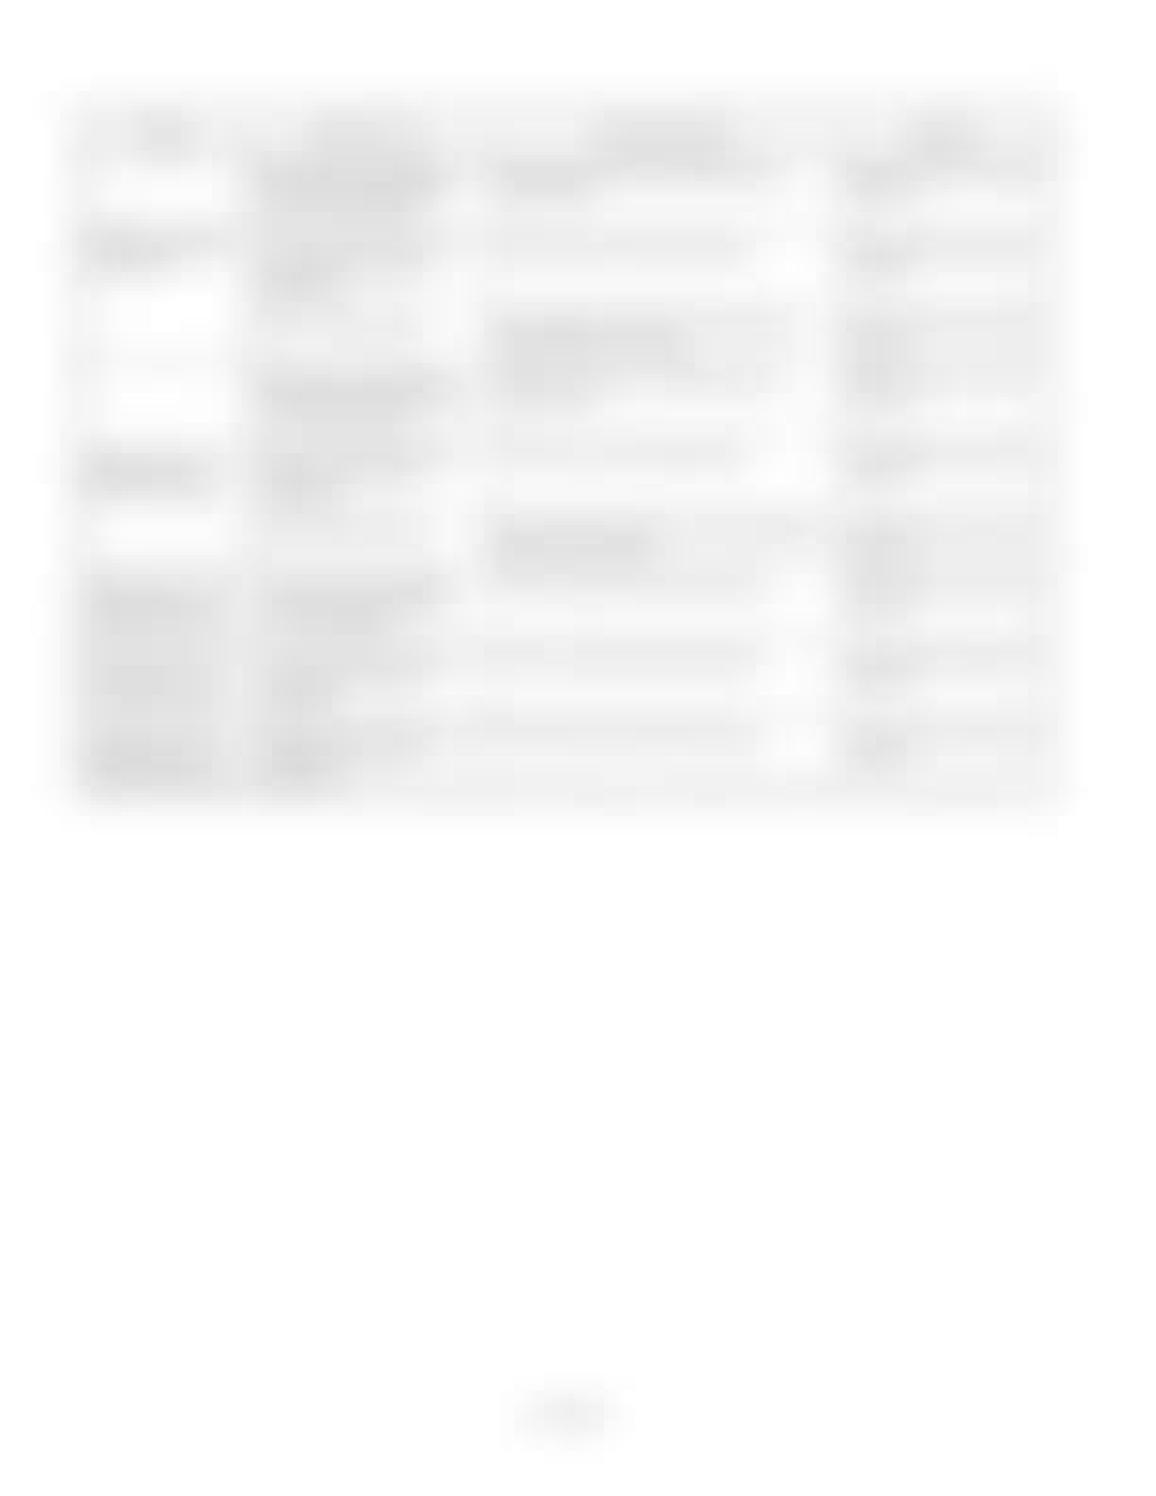 Hitachi LX110-7 LX130-7 LX160-7 LX190-7 LX230-7 Wheel Loader Workshop Manual - PDF DOWNLOAD page 88